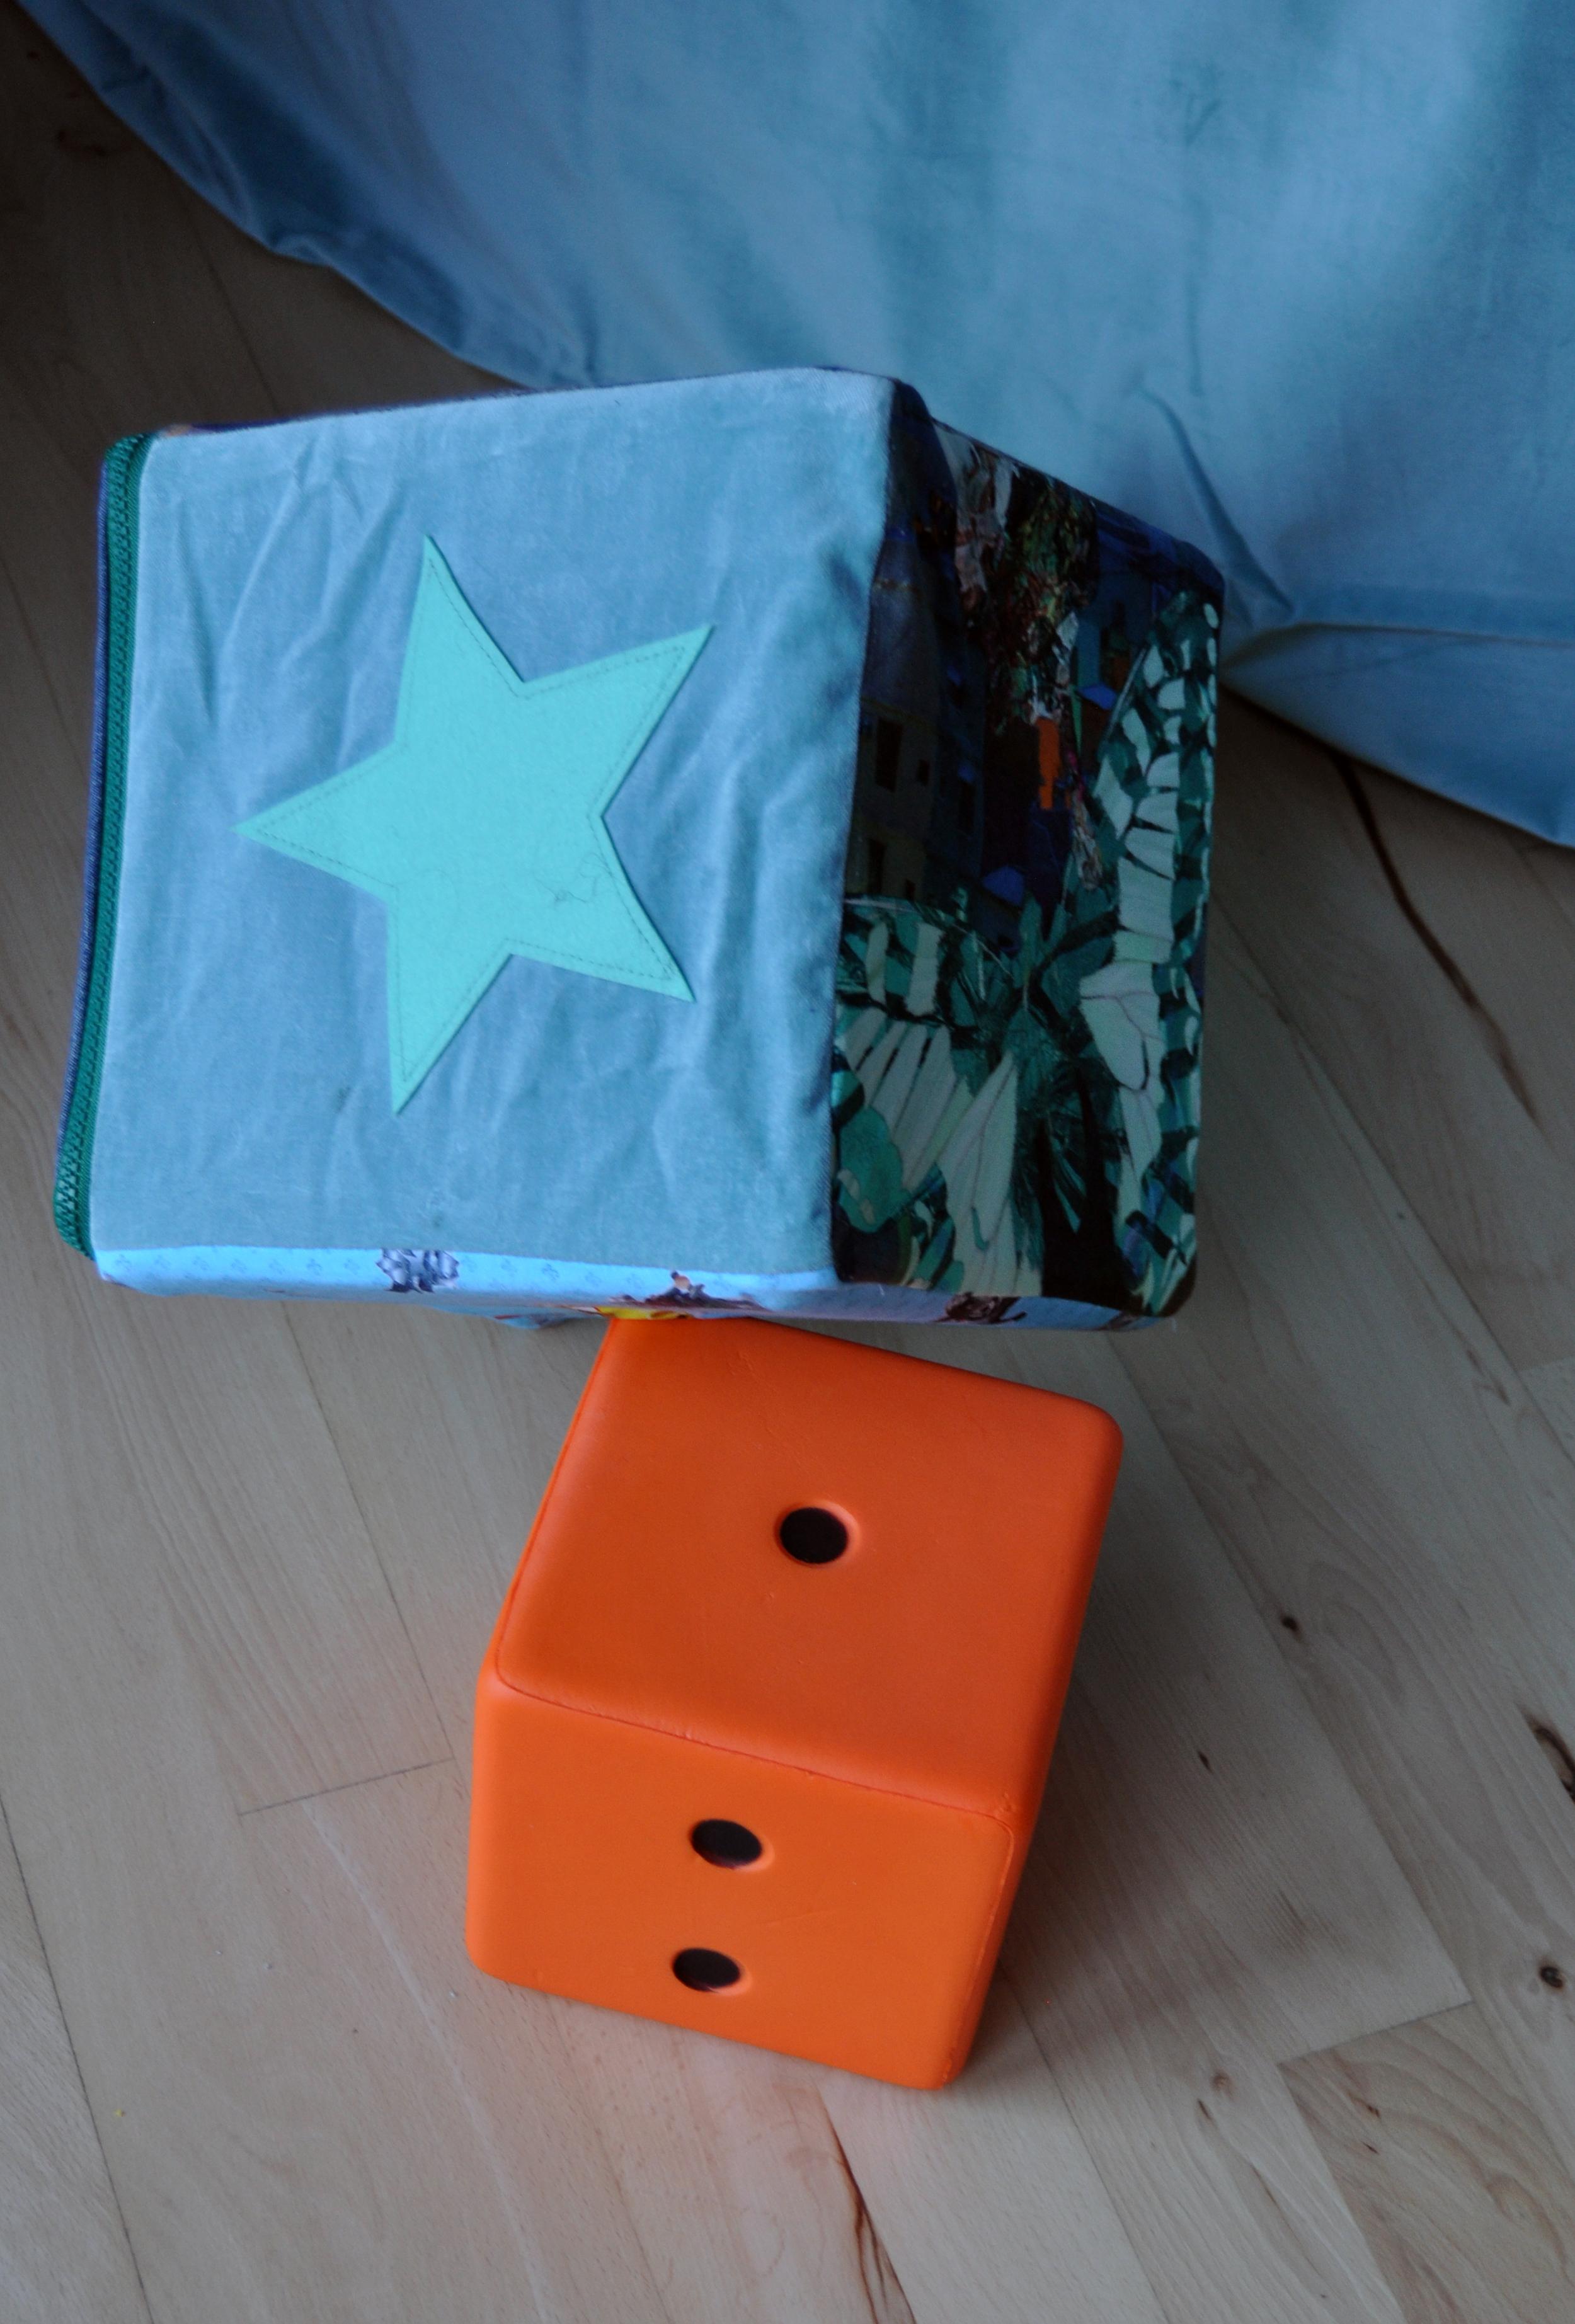 Fortælleterning - Overslag til terning. Til pædagogisk arbejde med børn mellem 3-8 år. Afprøvning og udvikling af terning er støttet af Børnekulturhus Aarhus.